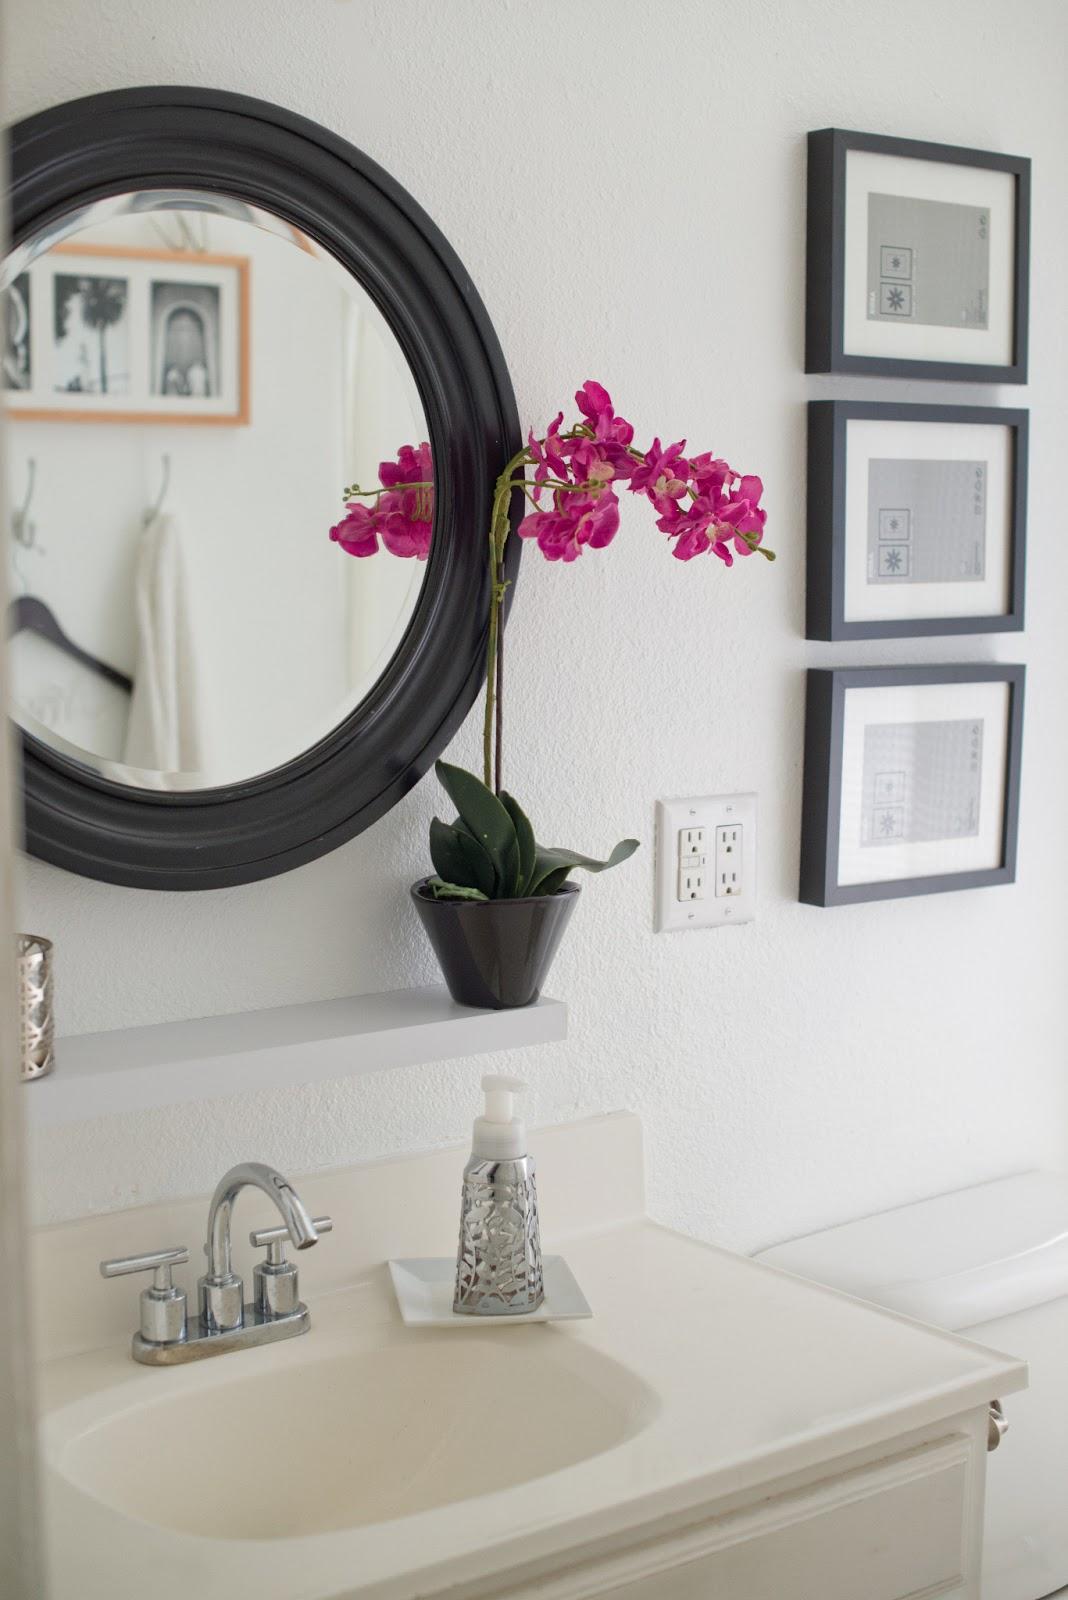 Domestic Fashionista: Adding Black Contrast to a White Bathroom